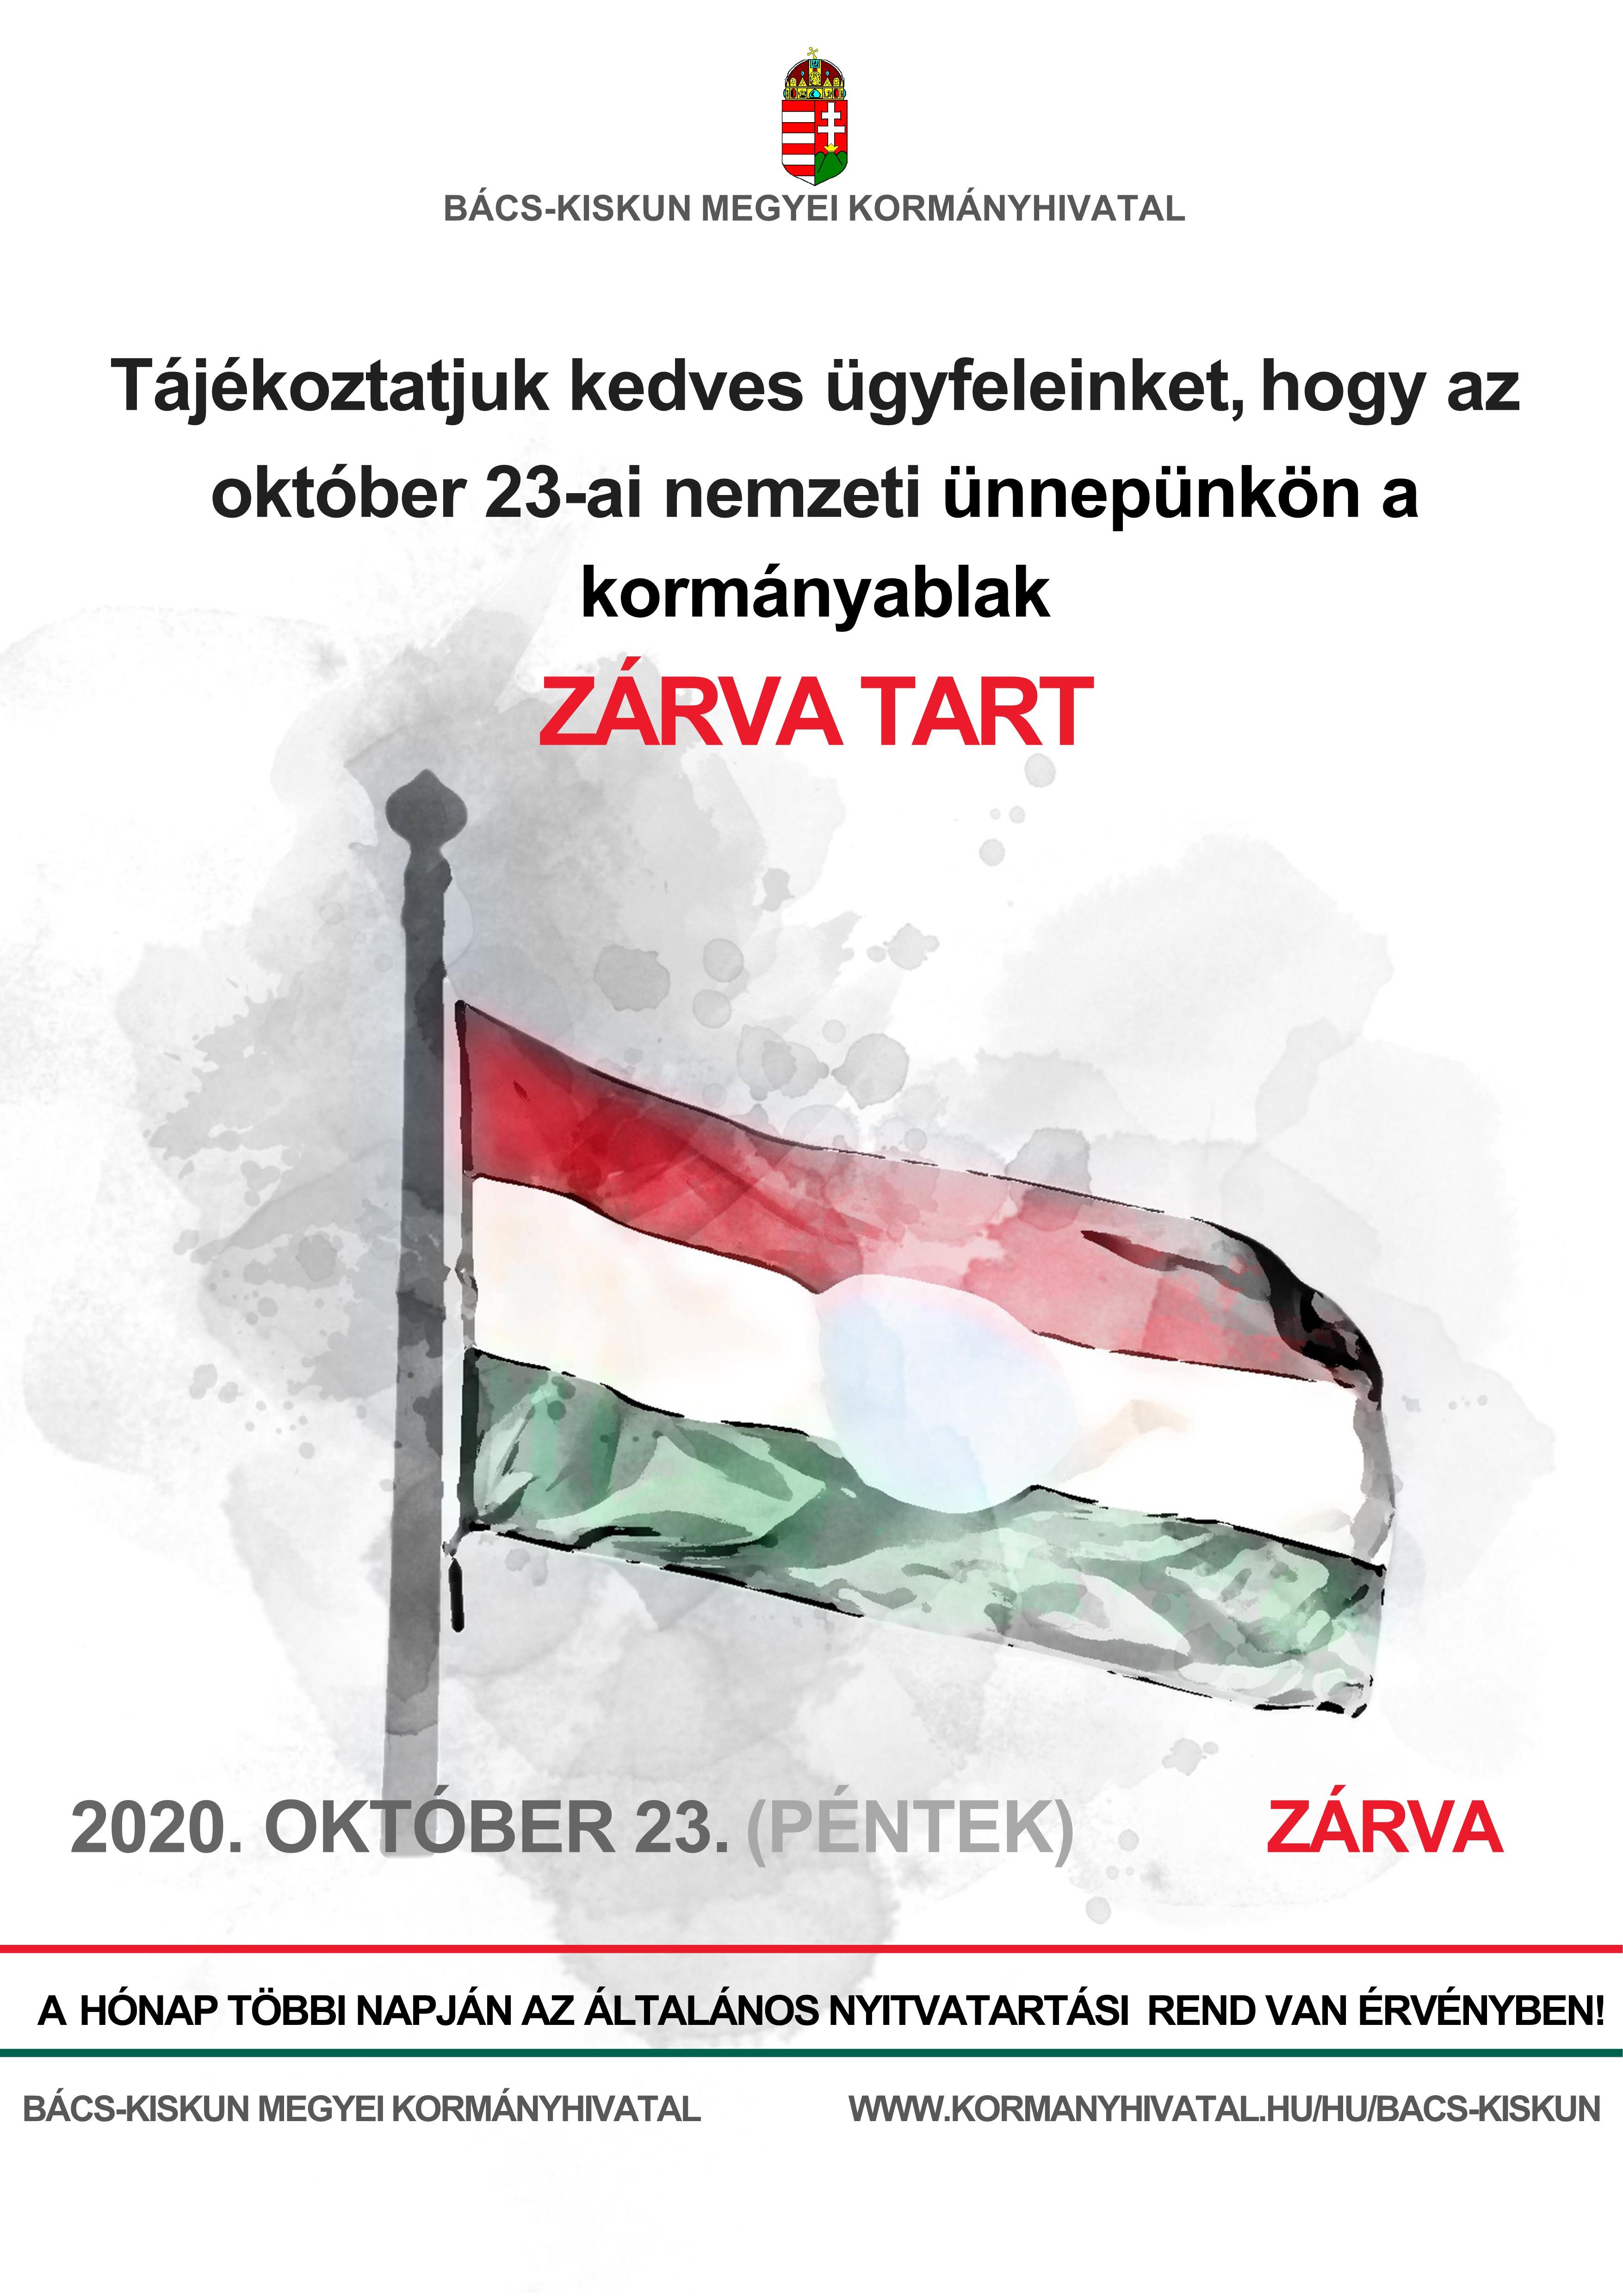 KORMÁNYABLAKOK_OKMÁNYIRODÁK -2020 október 23